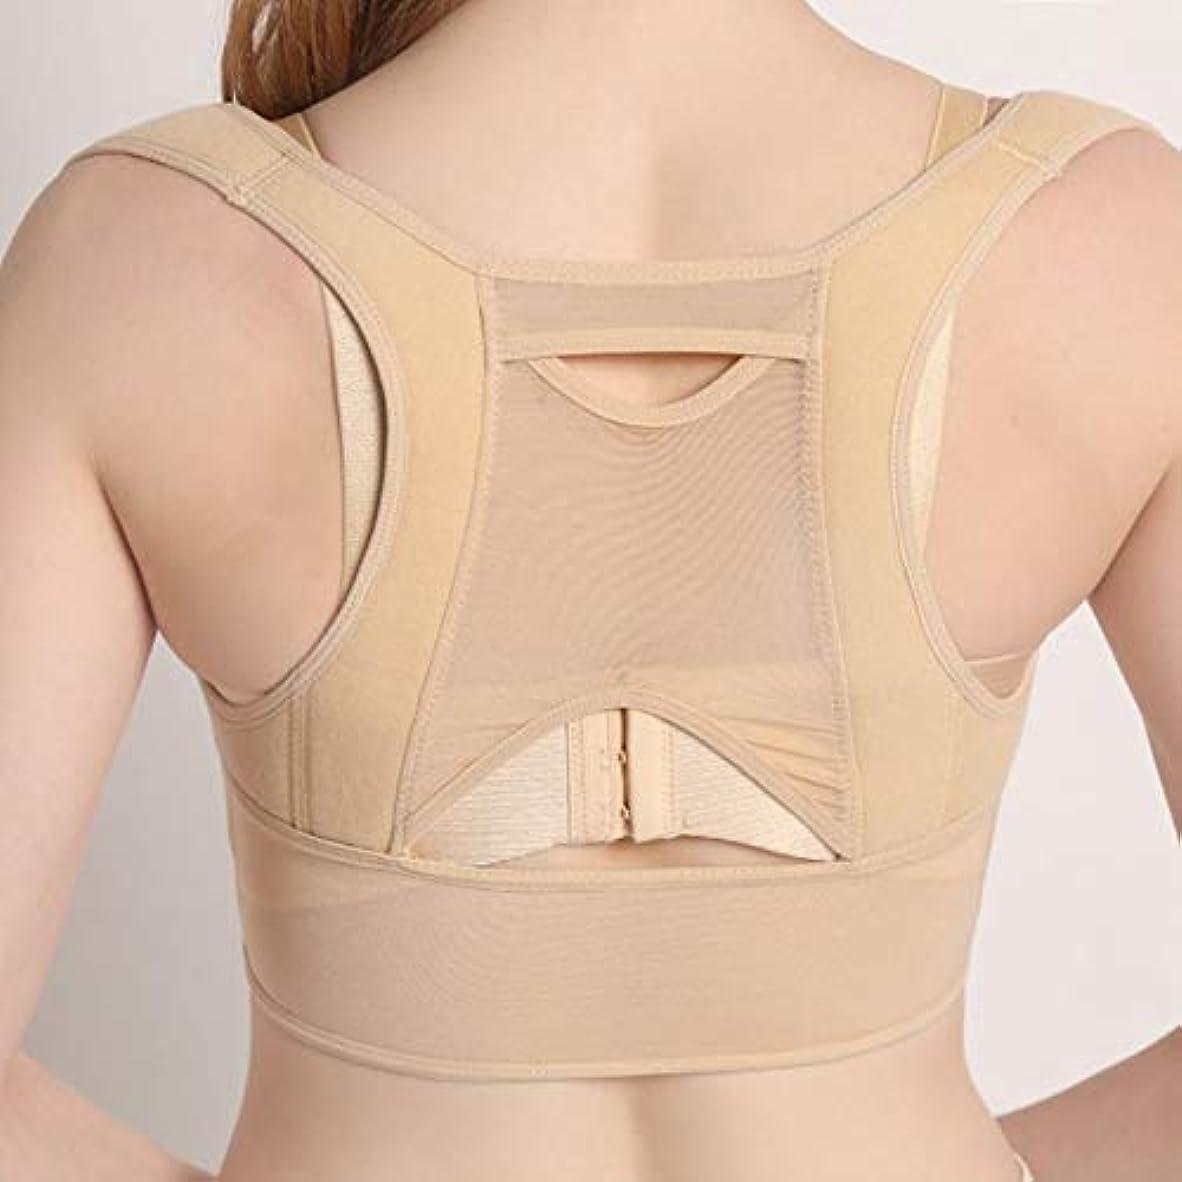 最初デモンストレーションスロベニア通気性のある女性の背中の姿勢矯正コルセット整形外科の肩の背骨の背骨の姿勢矯正腰椎サポート